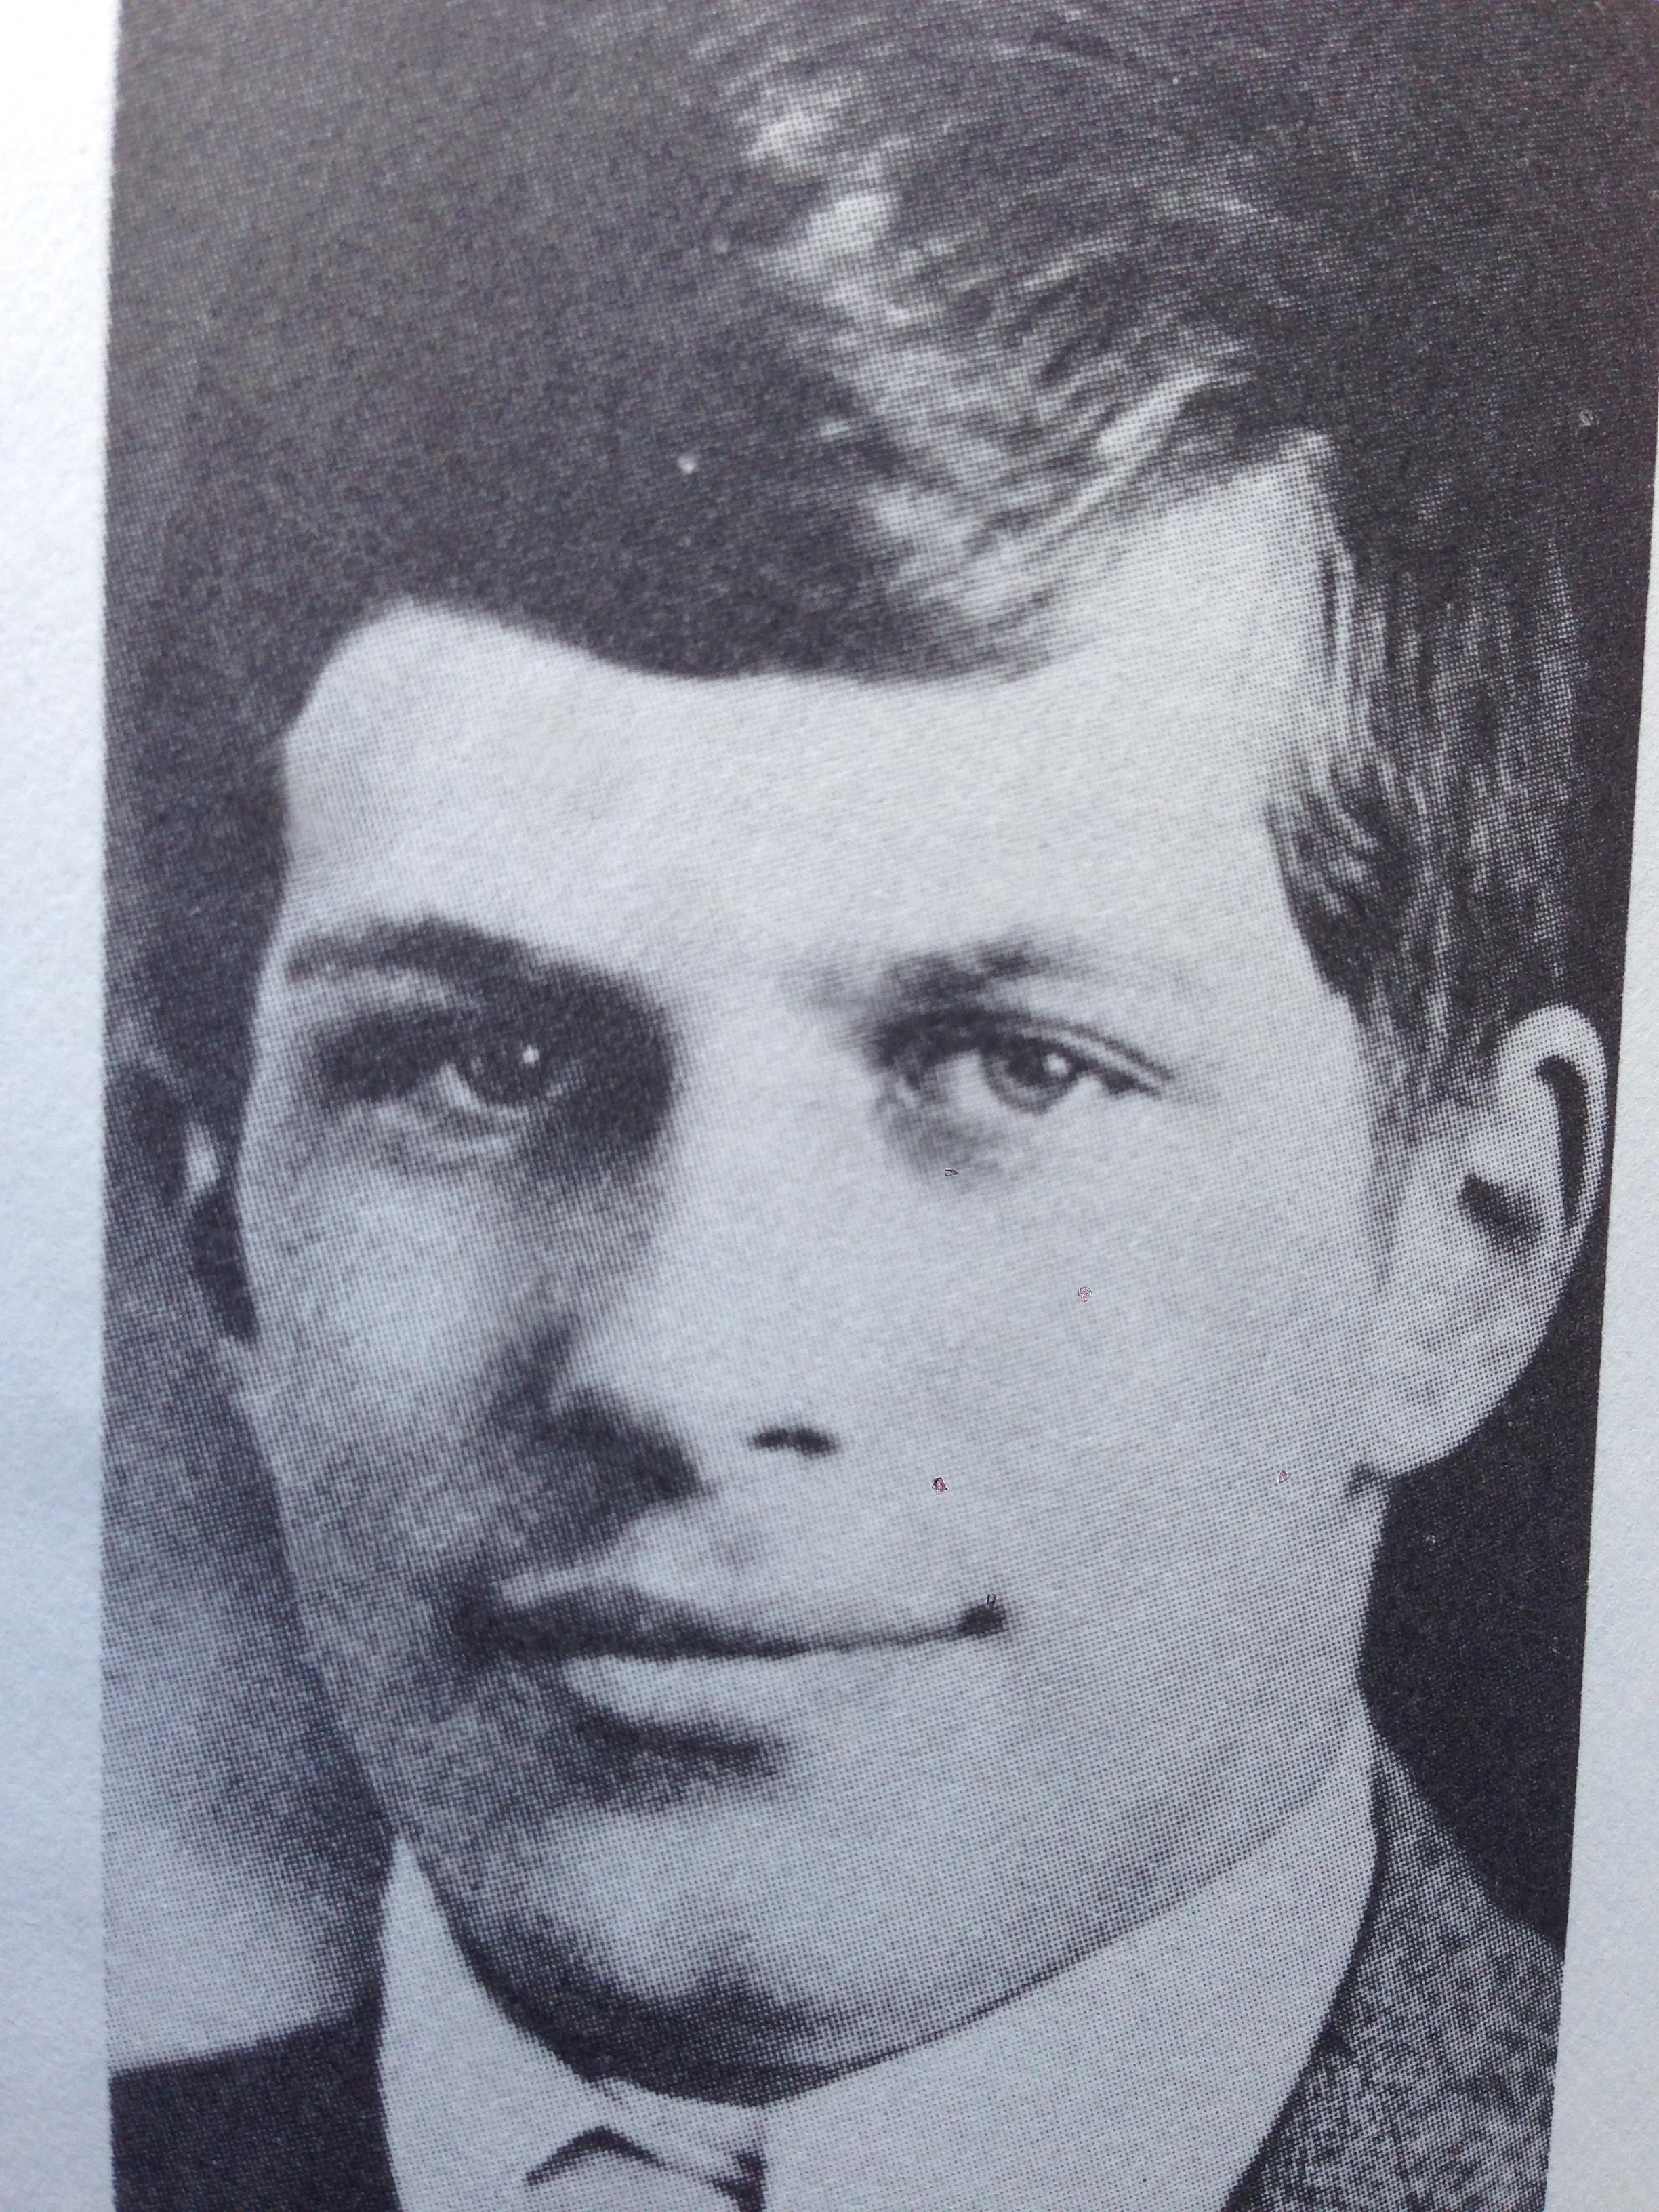 william-sidis-16-years